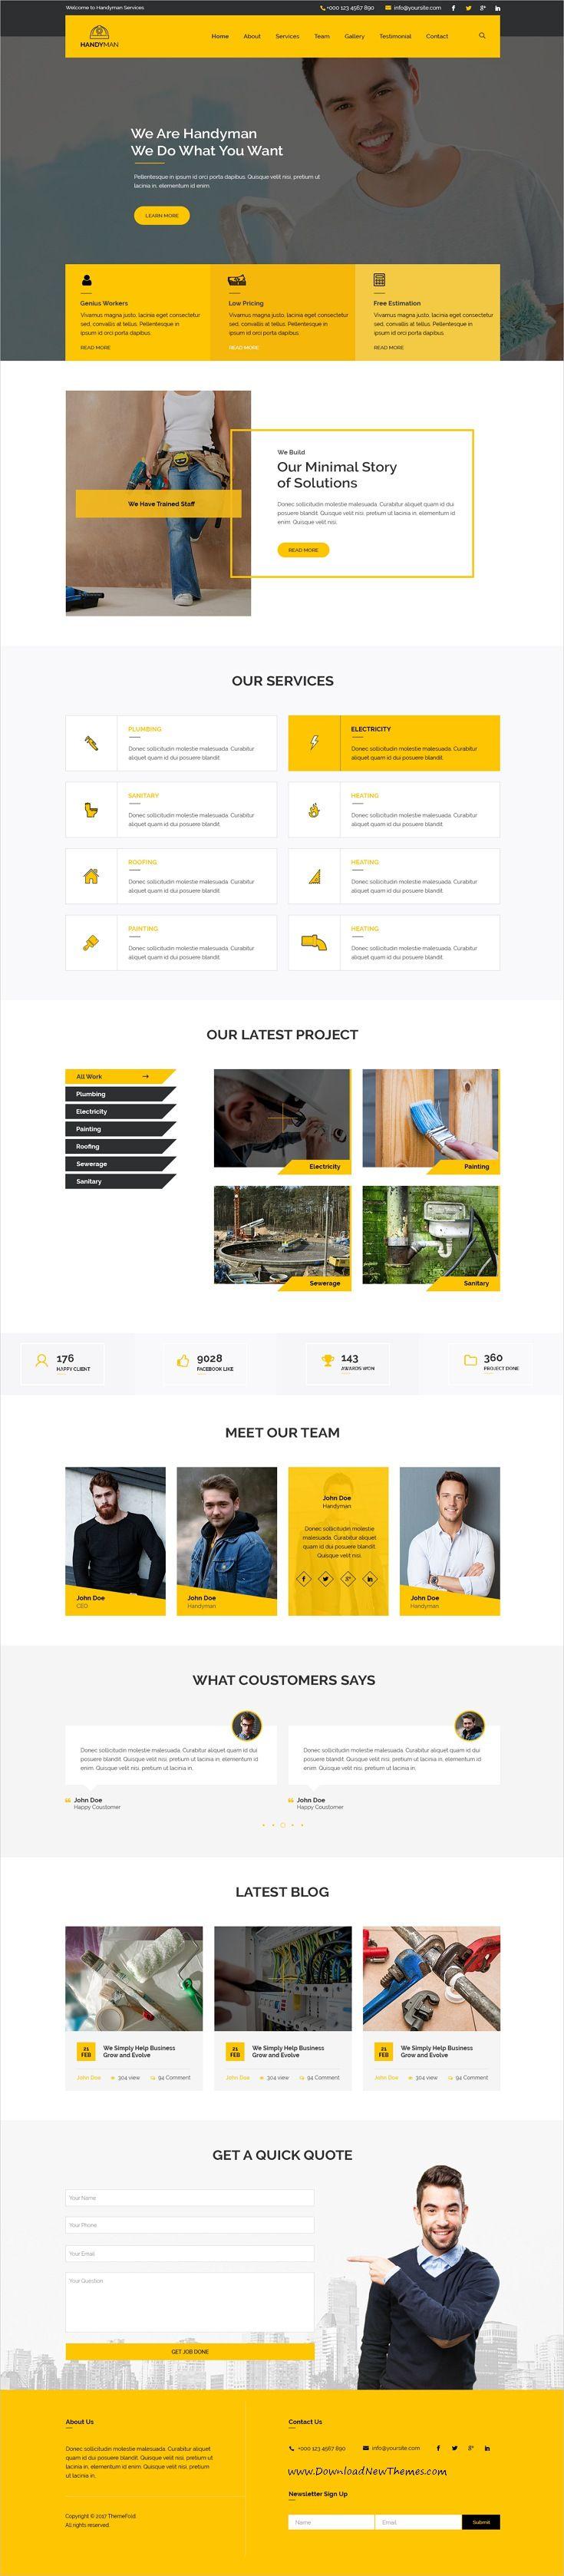 Handyman - Handyman Services PSD Template   Ilustraciones